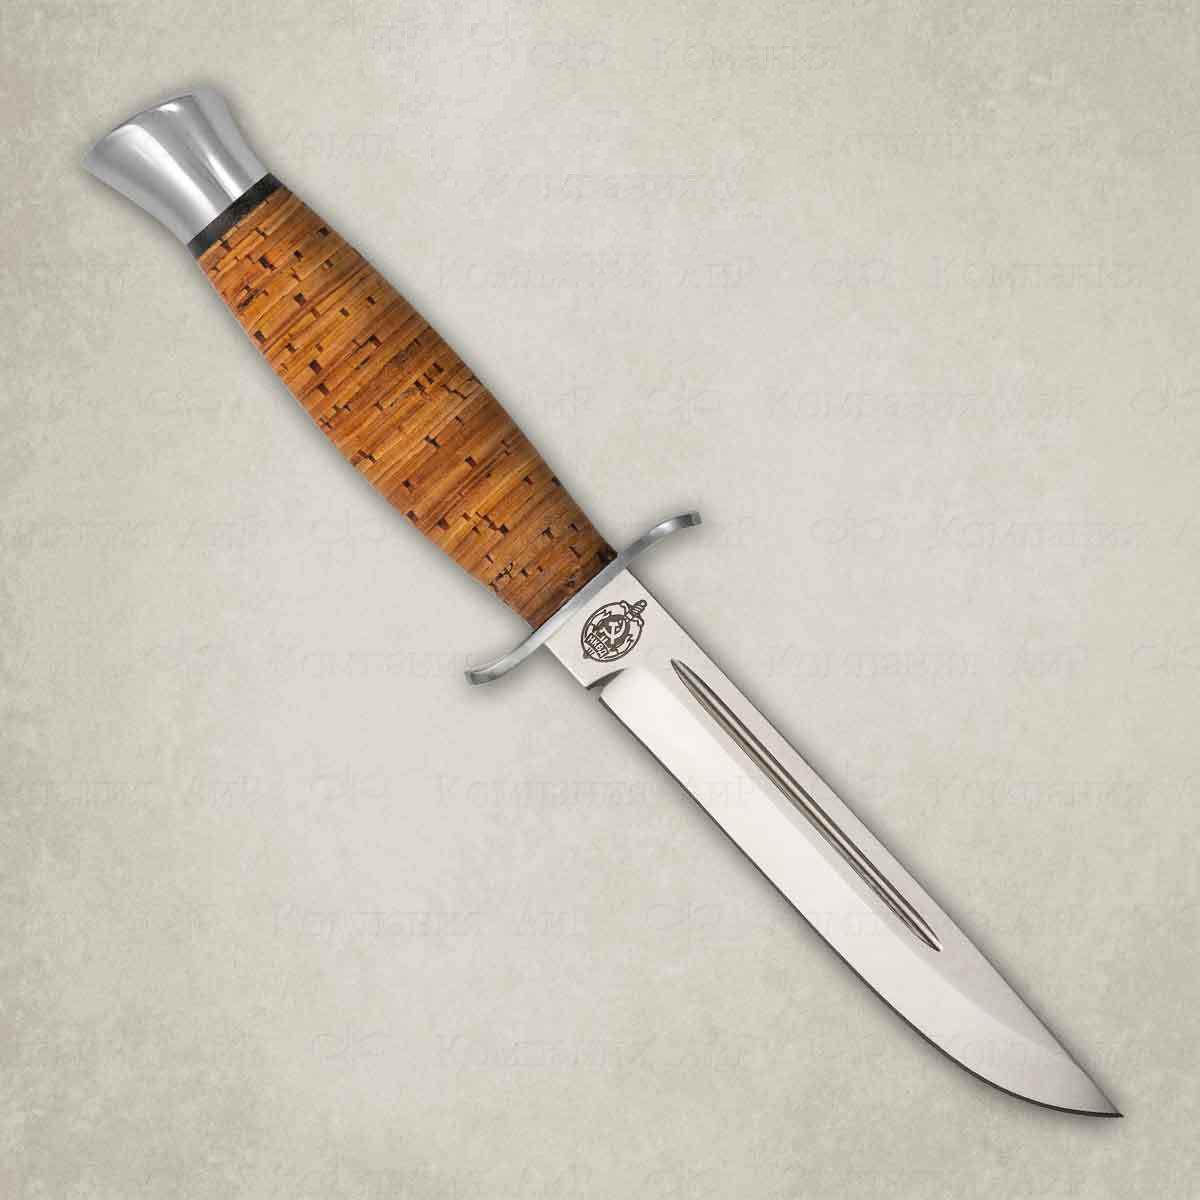 Нож АиР Финка-2, сталь ЭП-766, рукоять береста недорого